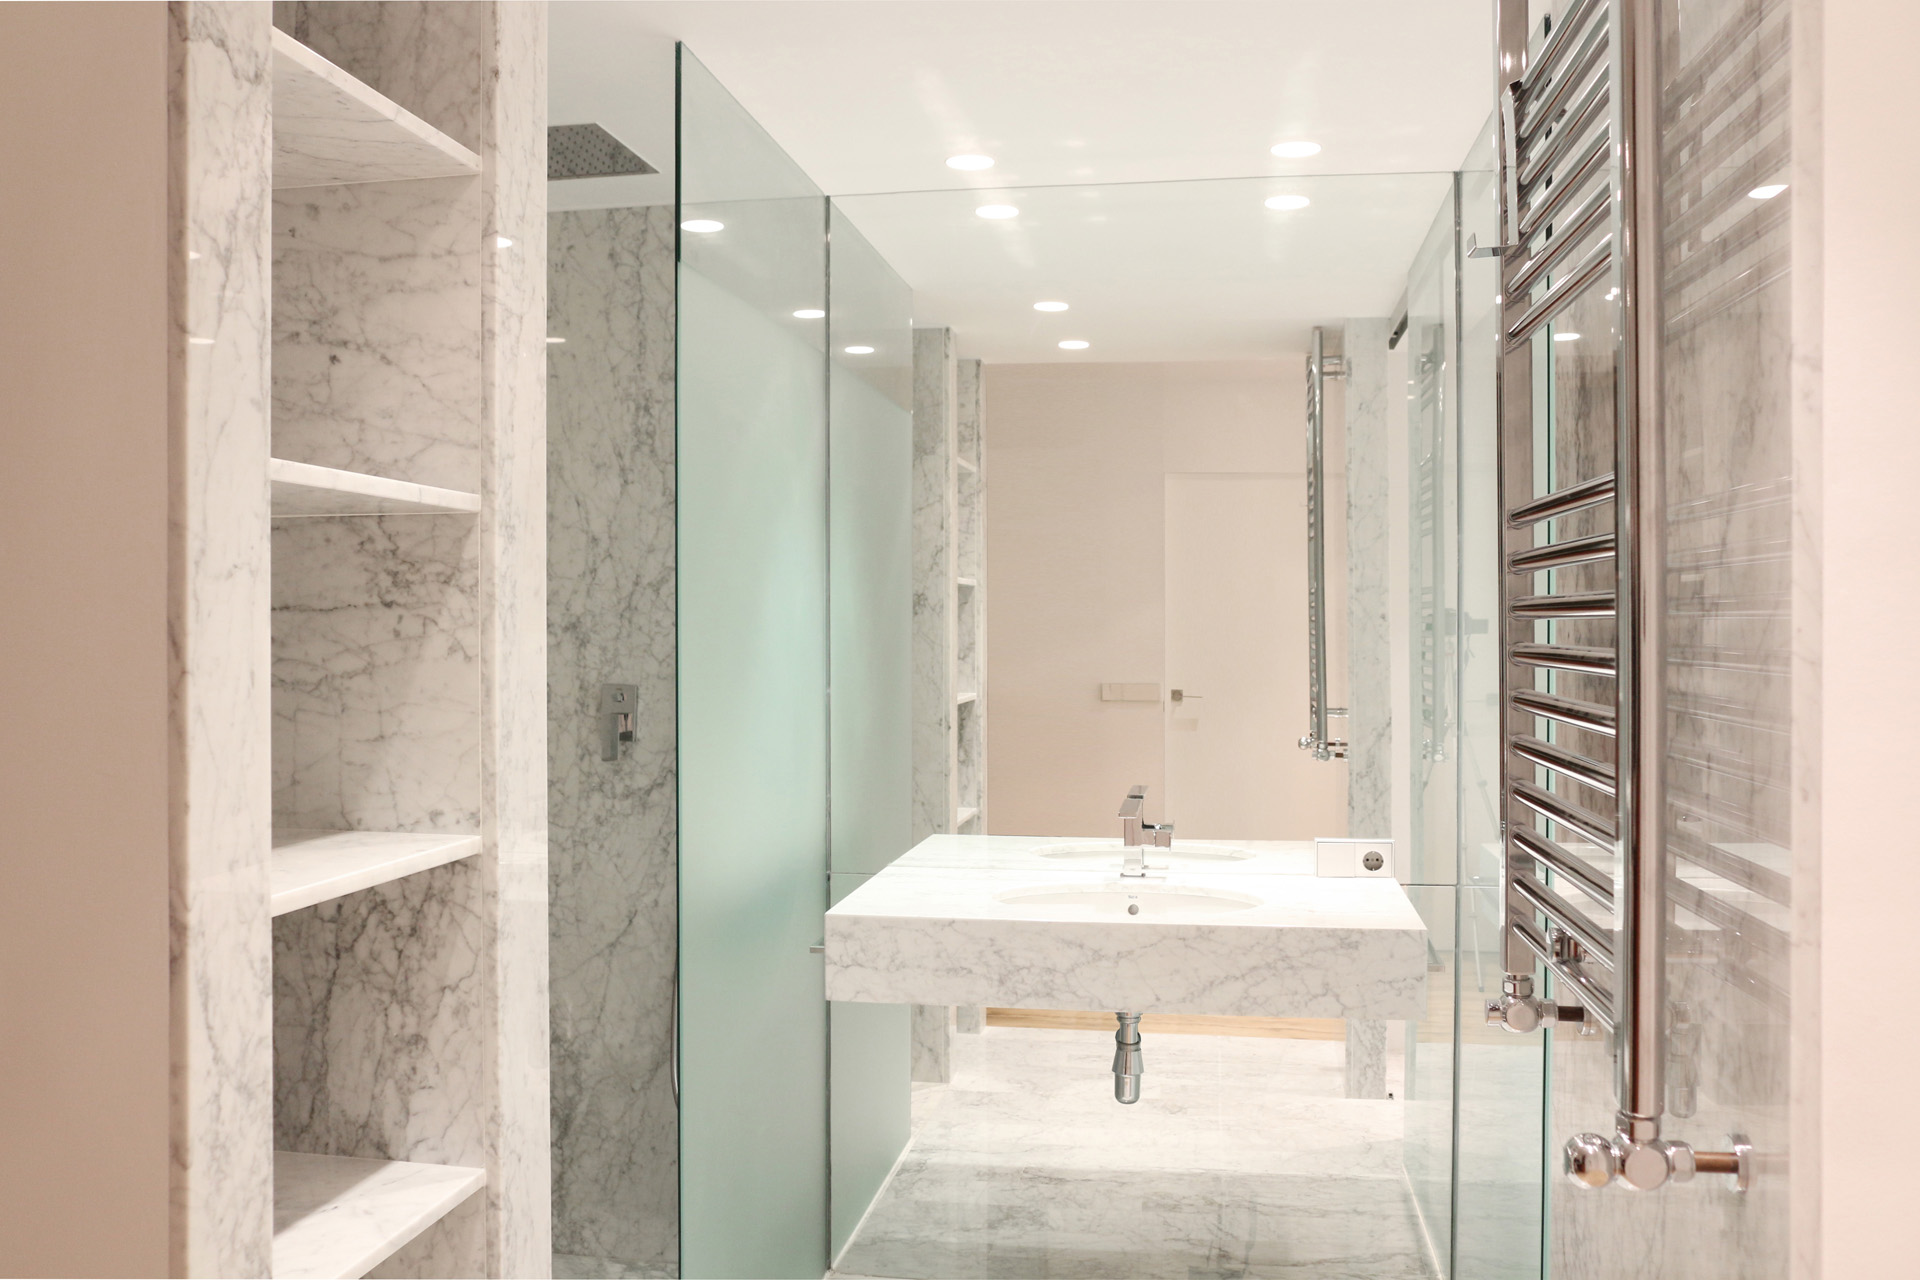 Decoraci n de ba os modernos for Revestimiento vinilico para paredes de banos